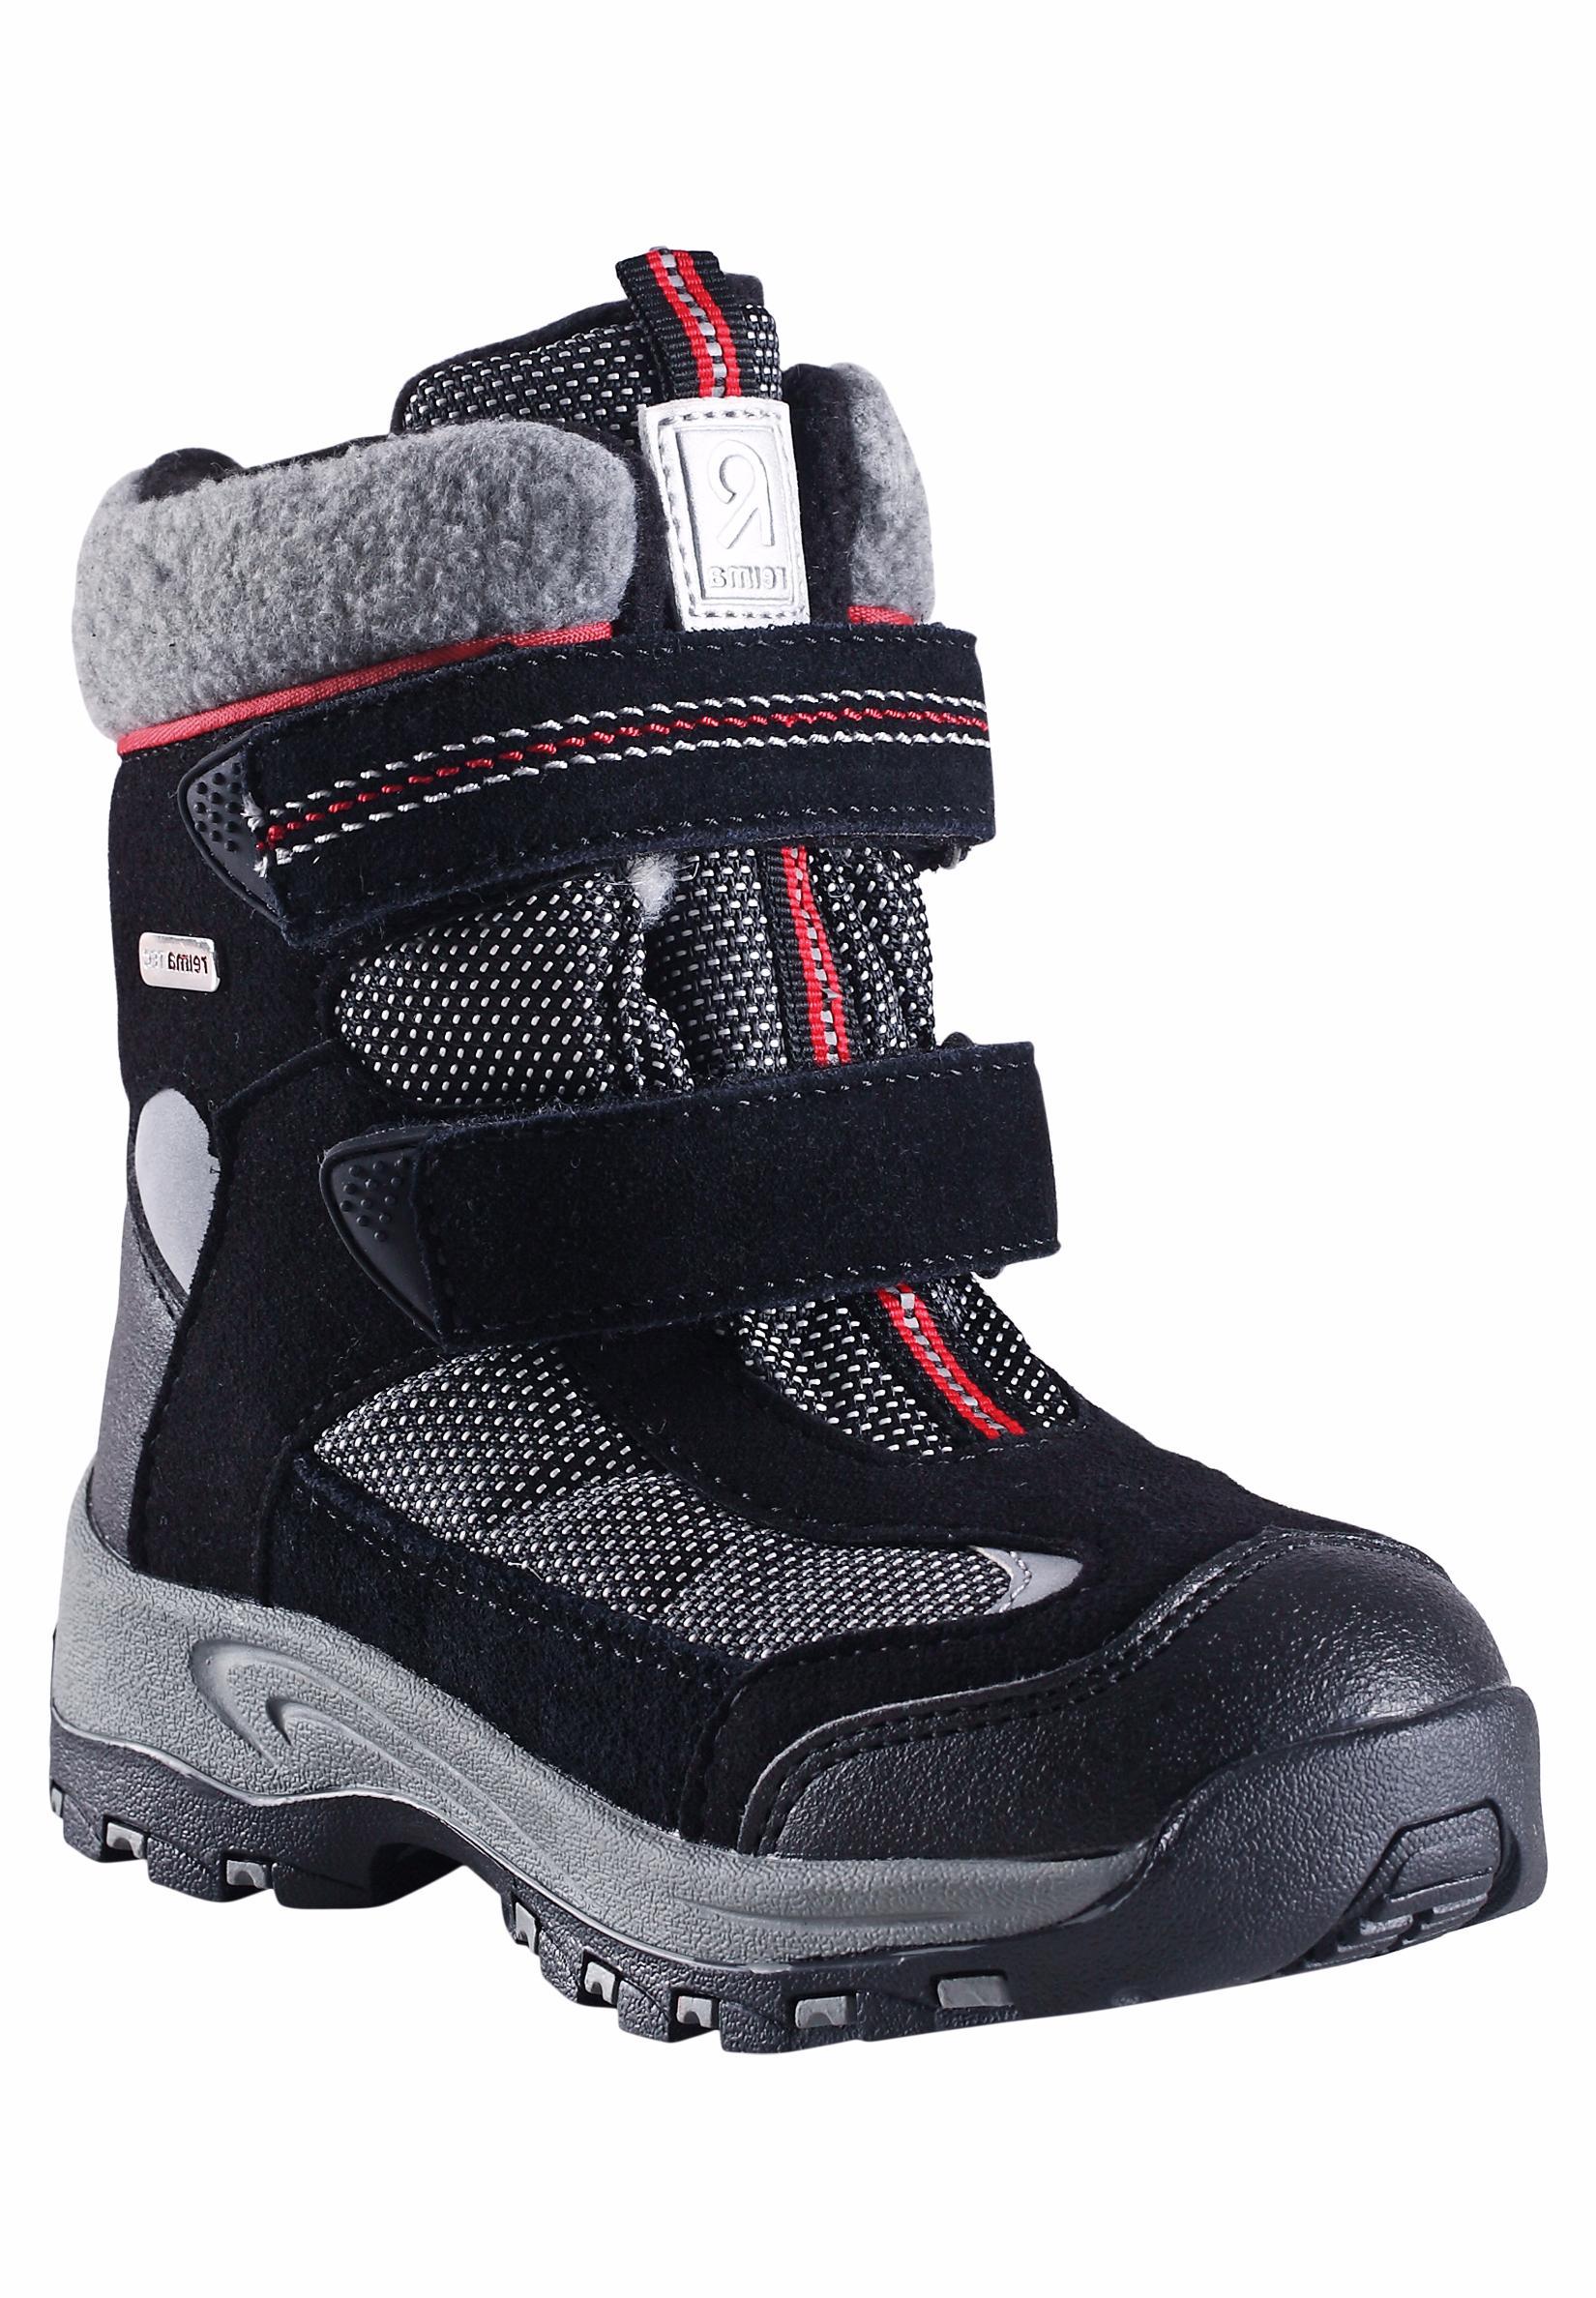 Купить Ботинки городские (высокие) Reima 2016-17 KINOS ЧЕРНЫЙ Обувь для города 1274403